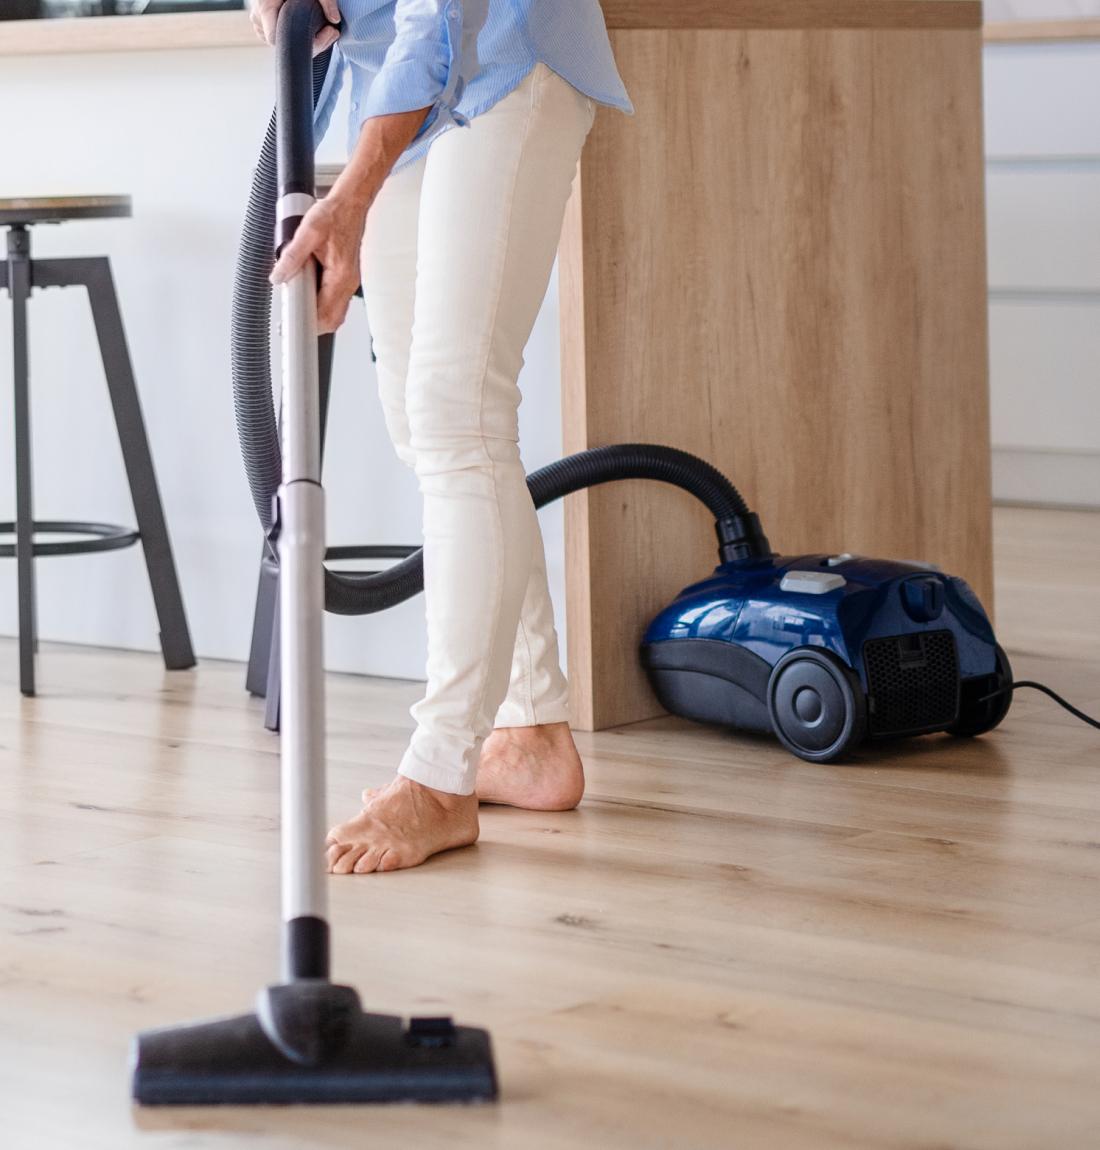 Woman vacuuming laminate floor